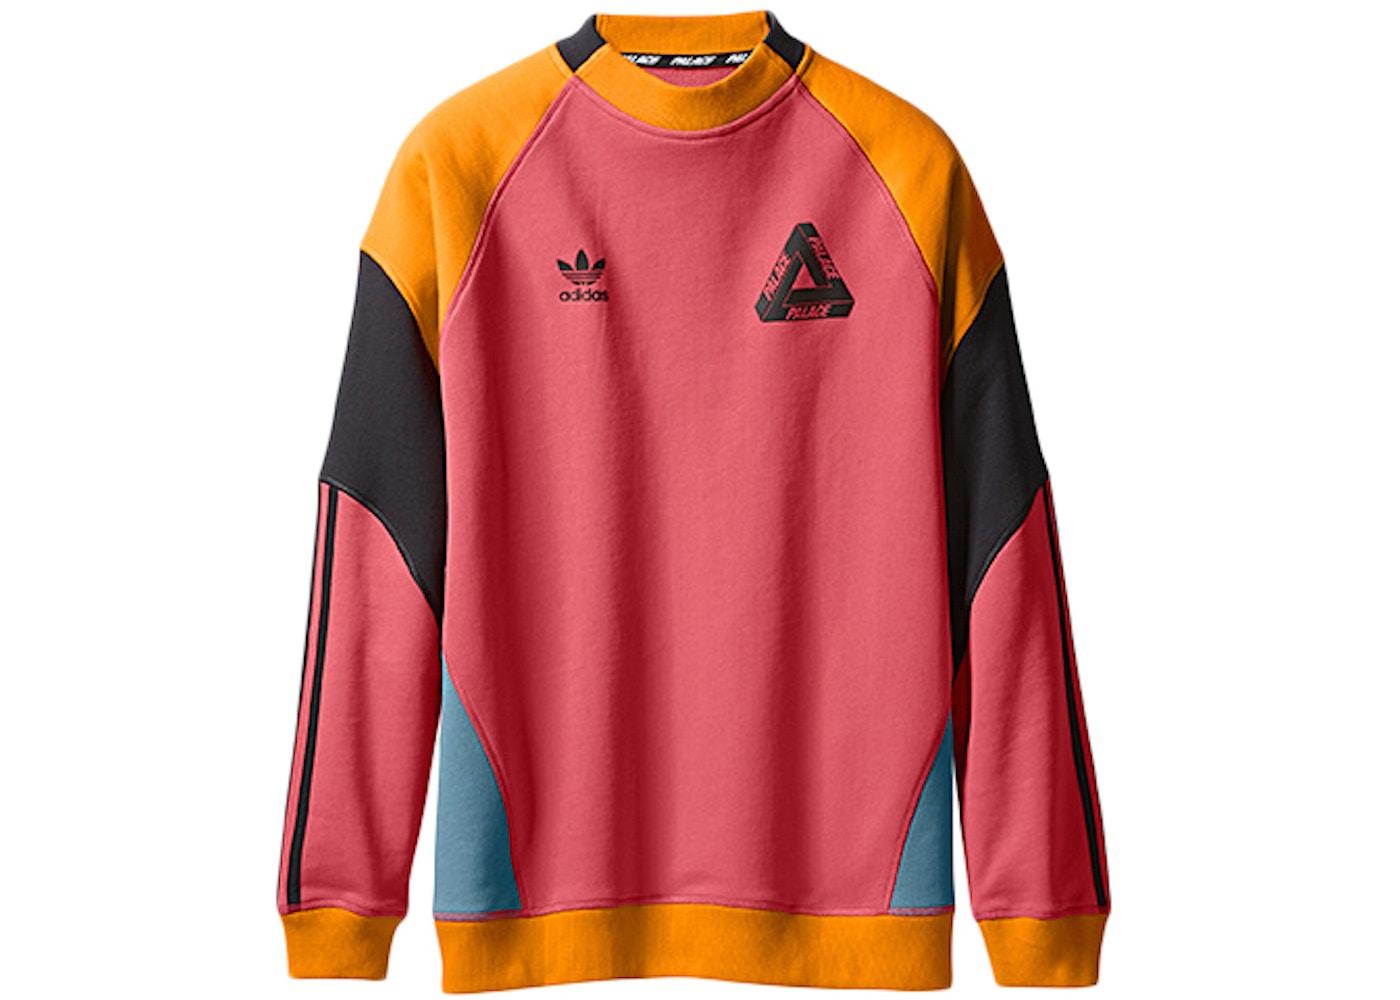 bb99d0b0ff8d Streetwear - Palace Tops Sweatshirts - Highest Bid